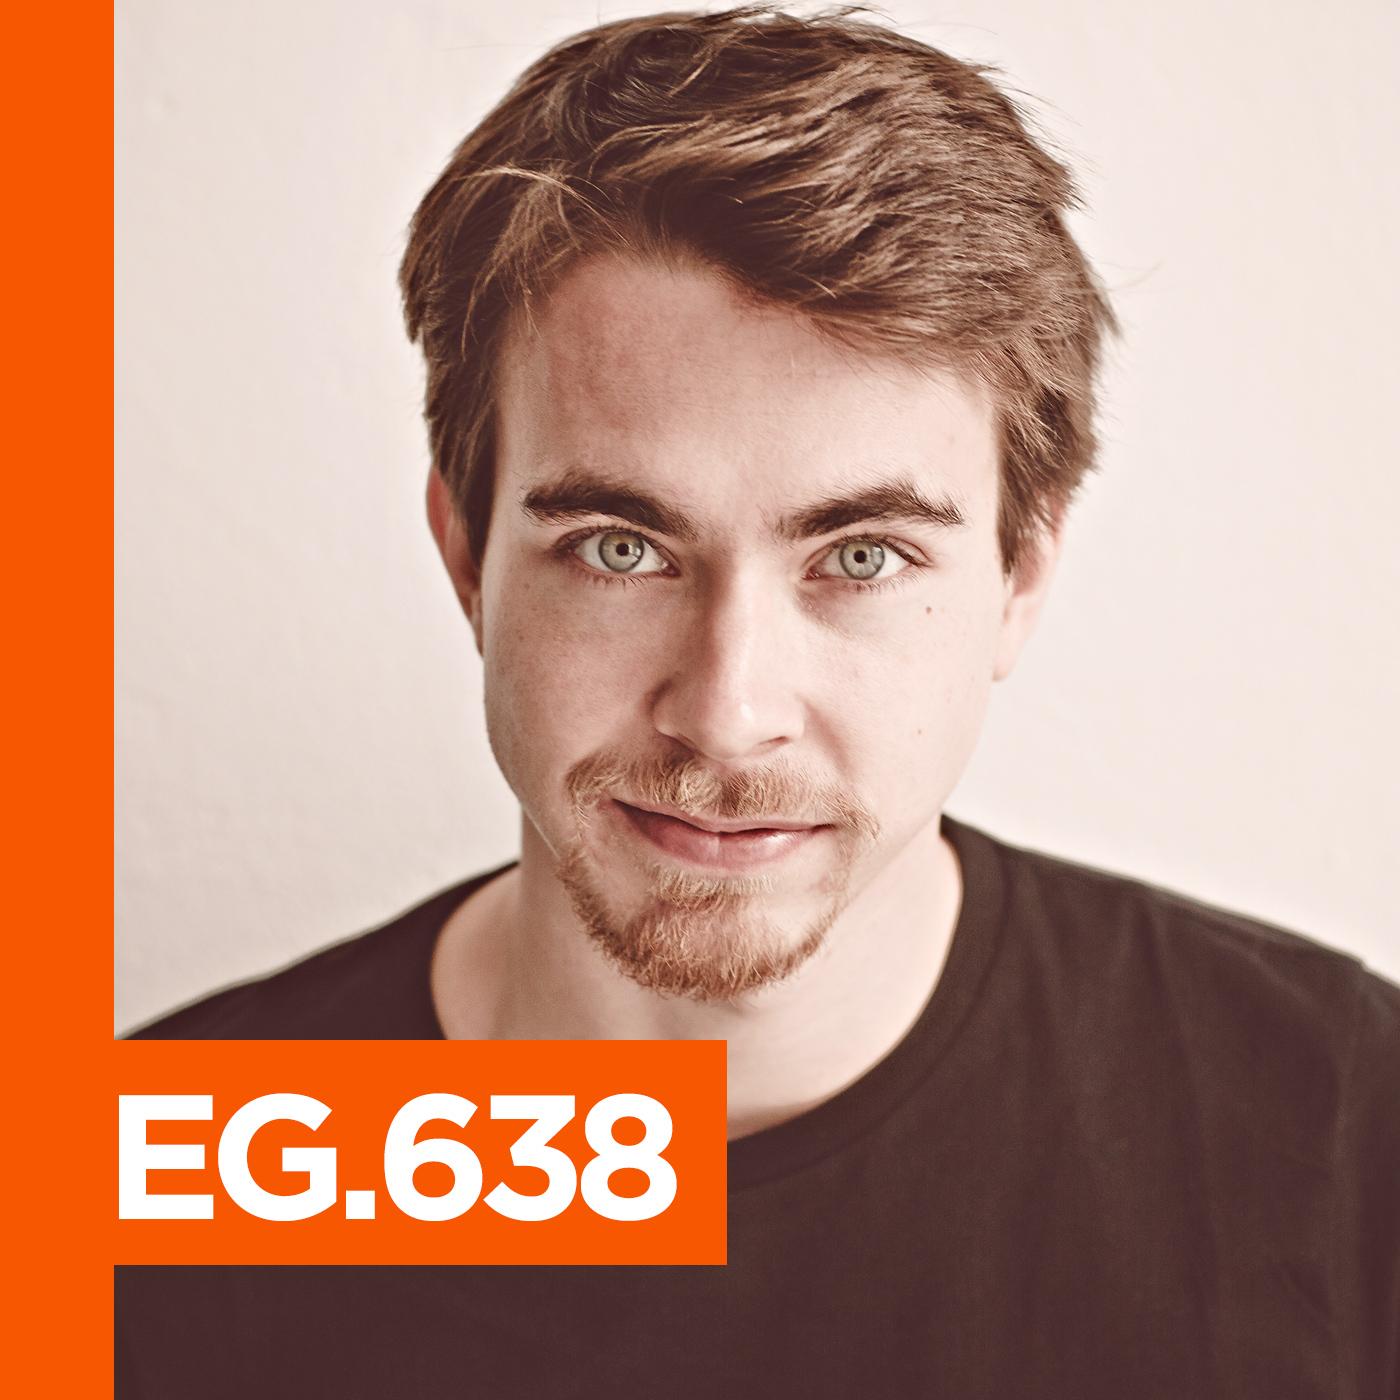 EG.638 Wankelmut